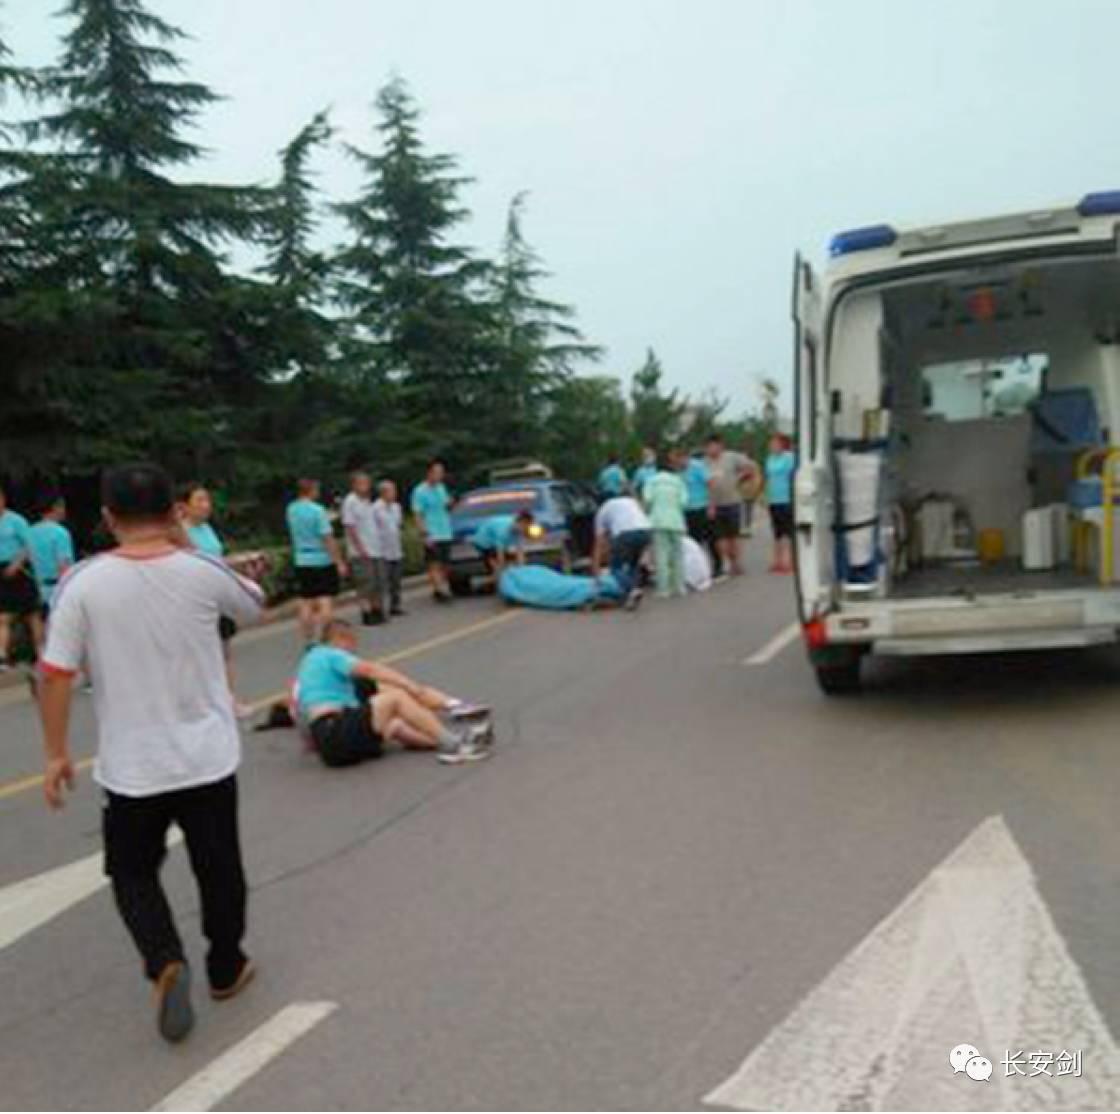 (图:山东临沂出租车撞上了暴走团,由此引发言论争议。)